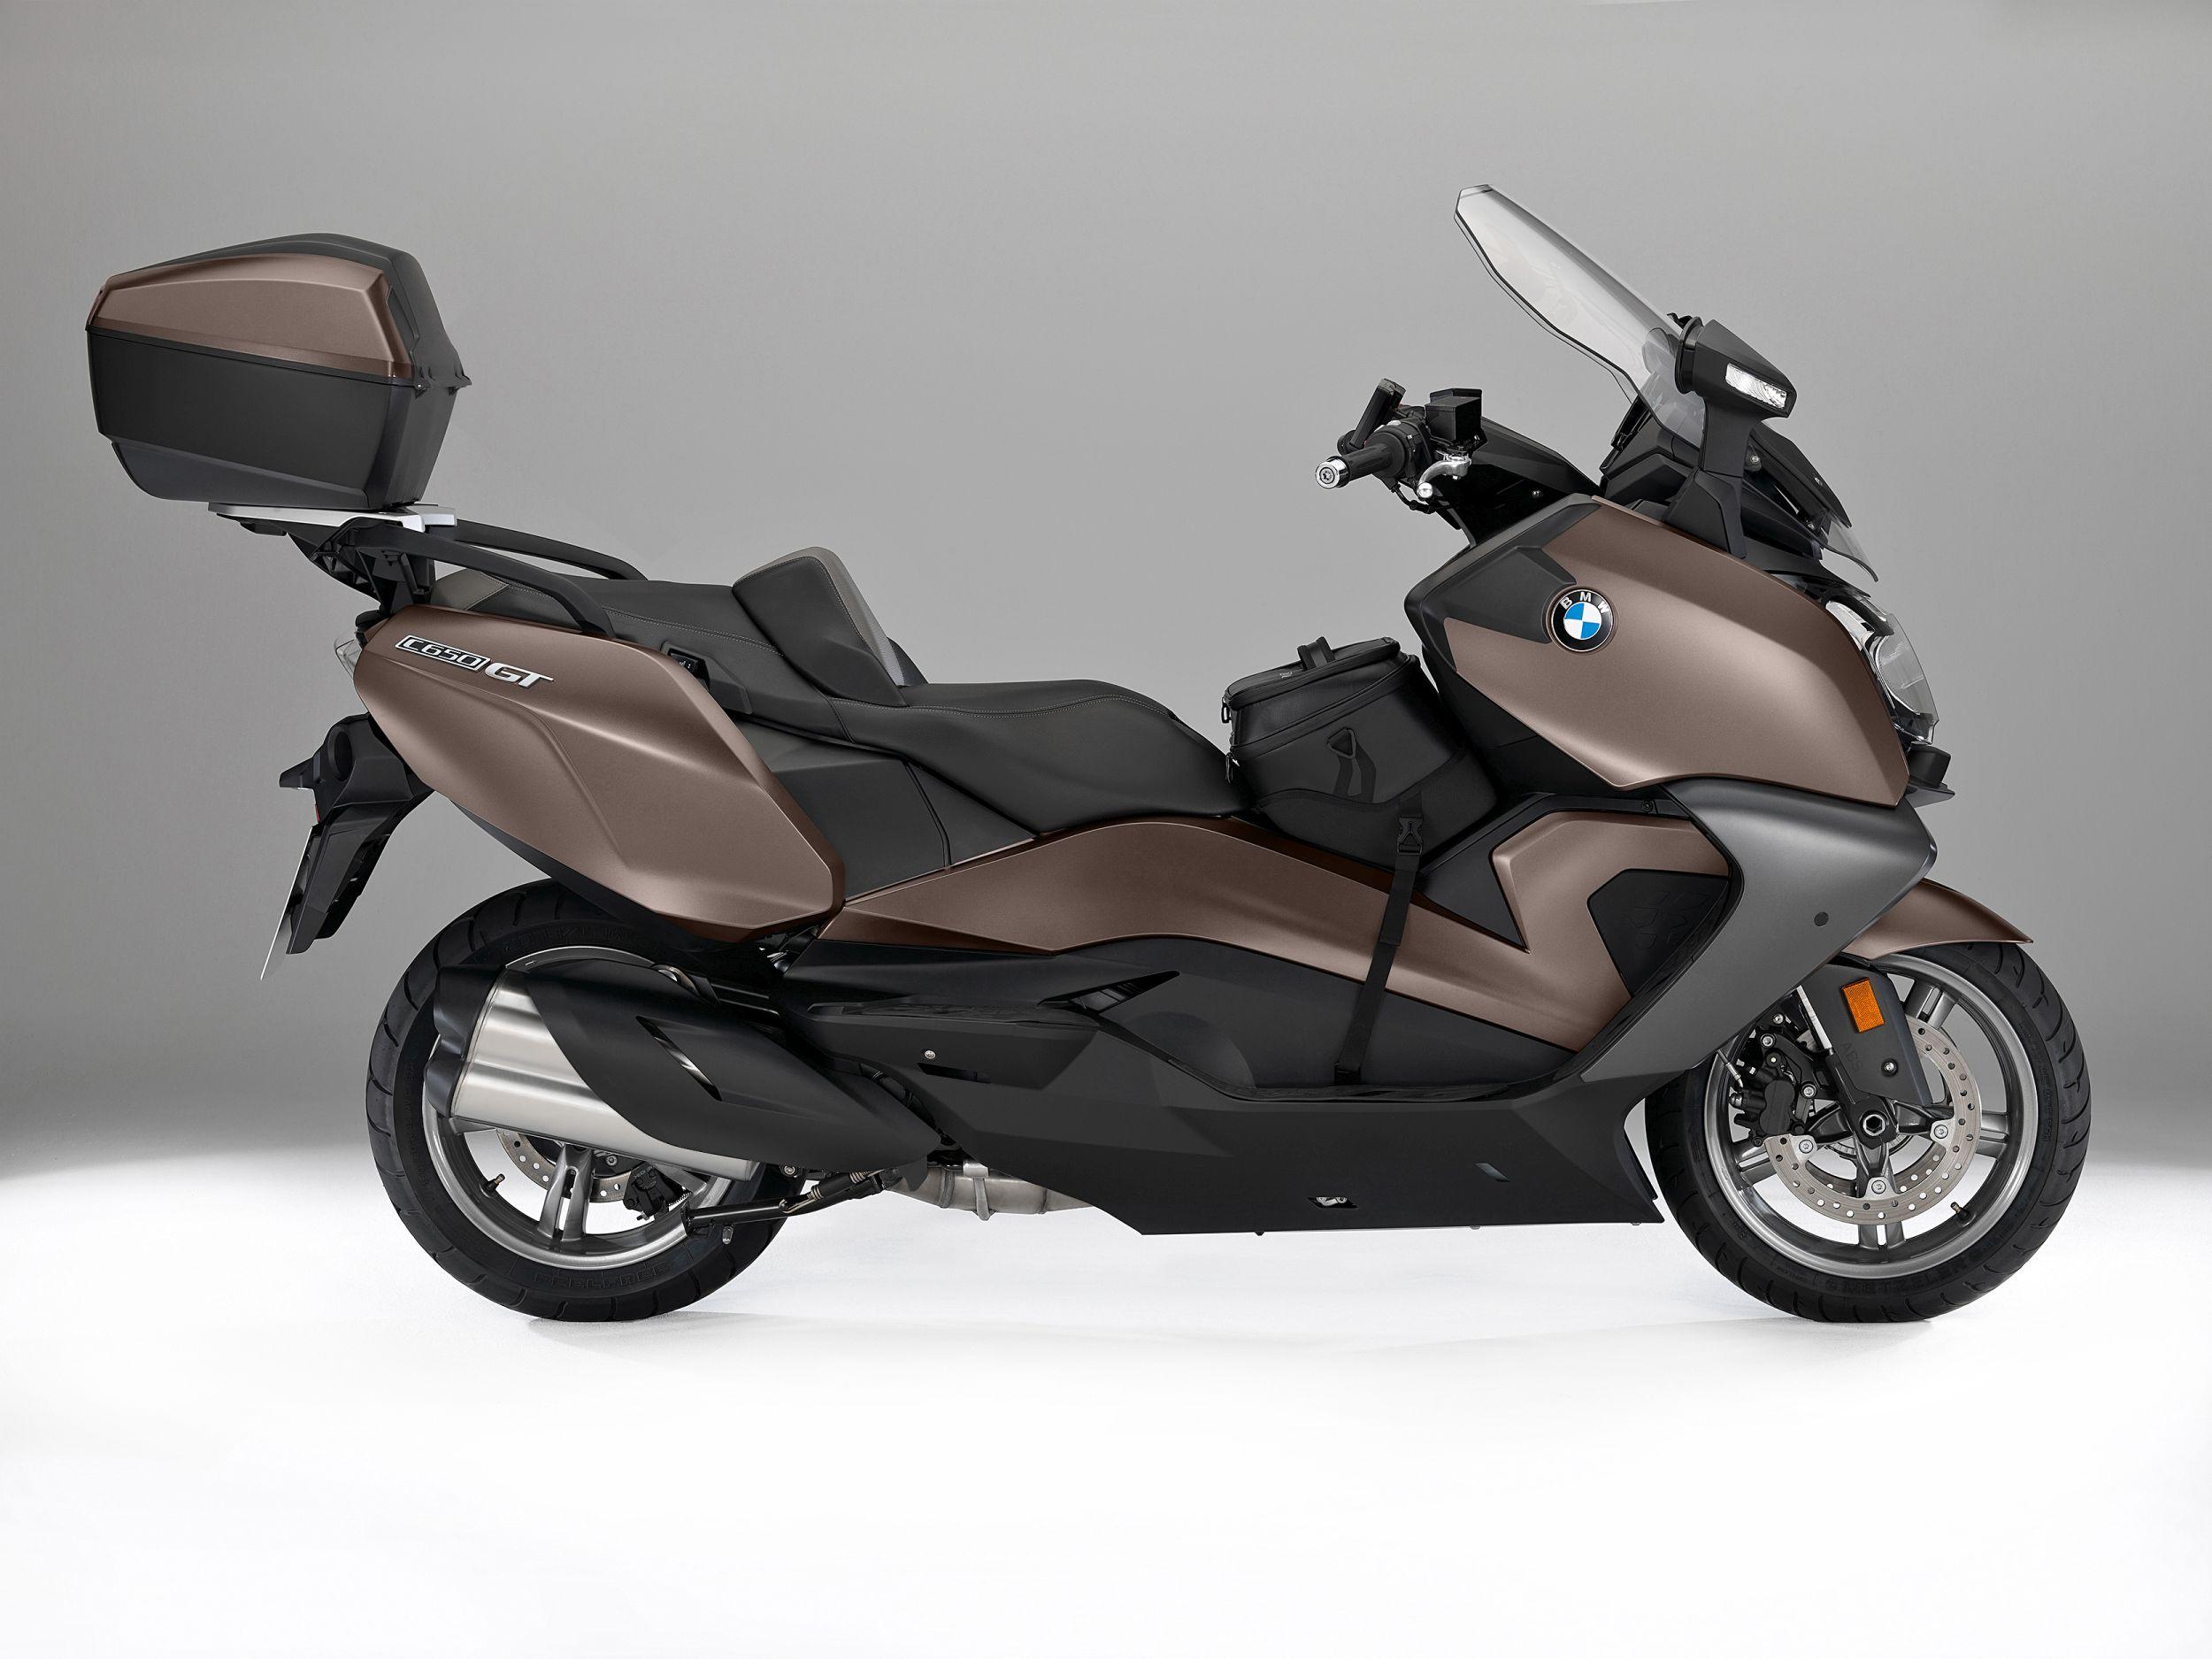 Gebrauchte Und Neue Bmw C 650 Gt Motorr 228 Der Kaufen